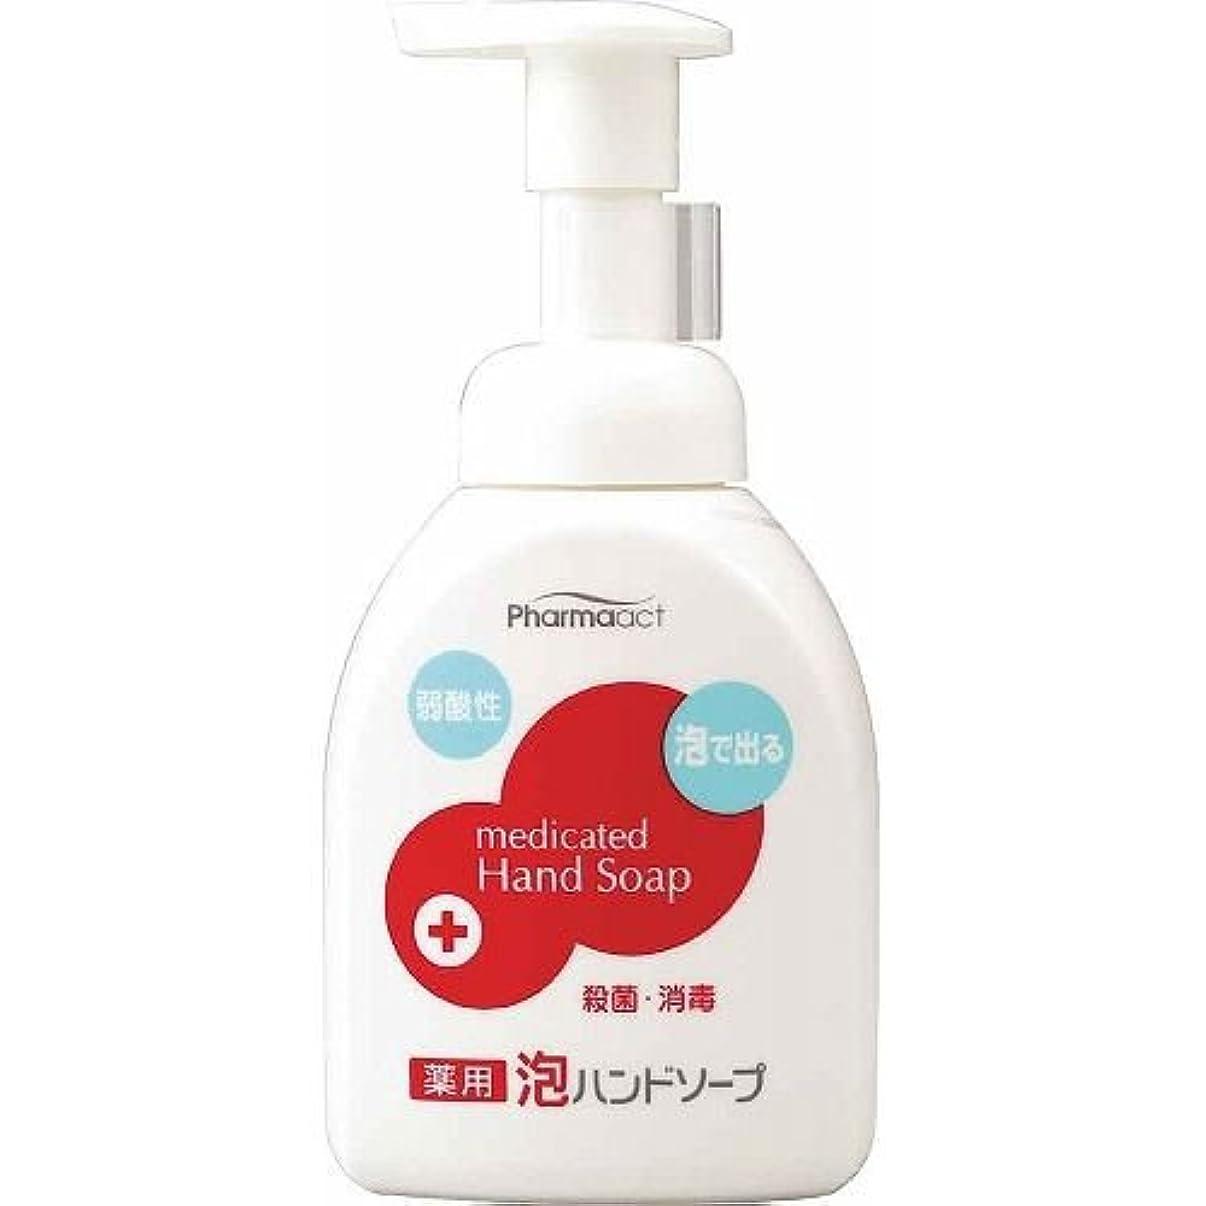 苦難ピンク大騒ぎ【まとめ買い】ファーマアクト 弱酸性薬用泡ハンドソープボトル 250ml ×5個